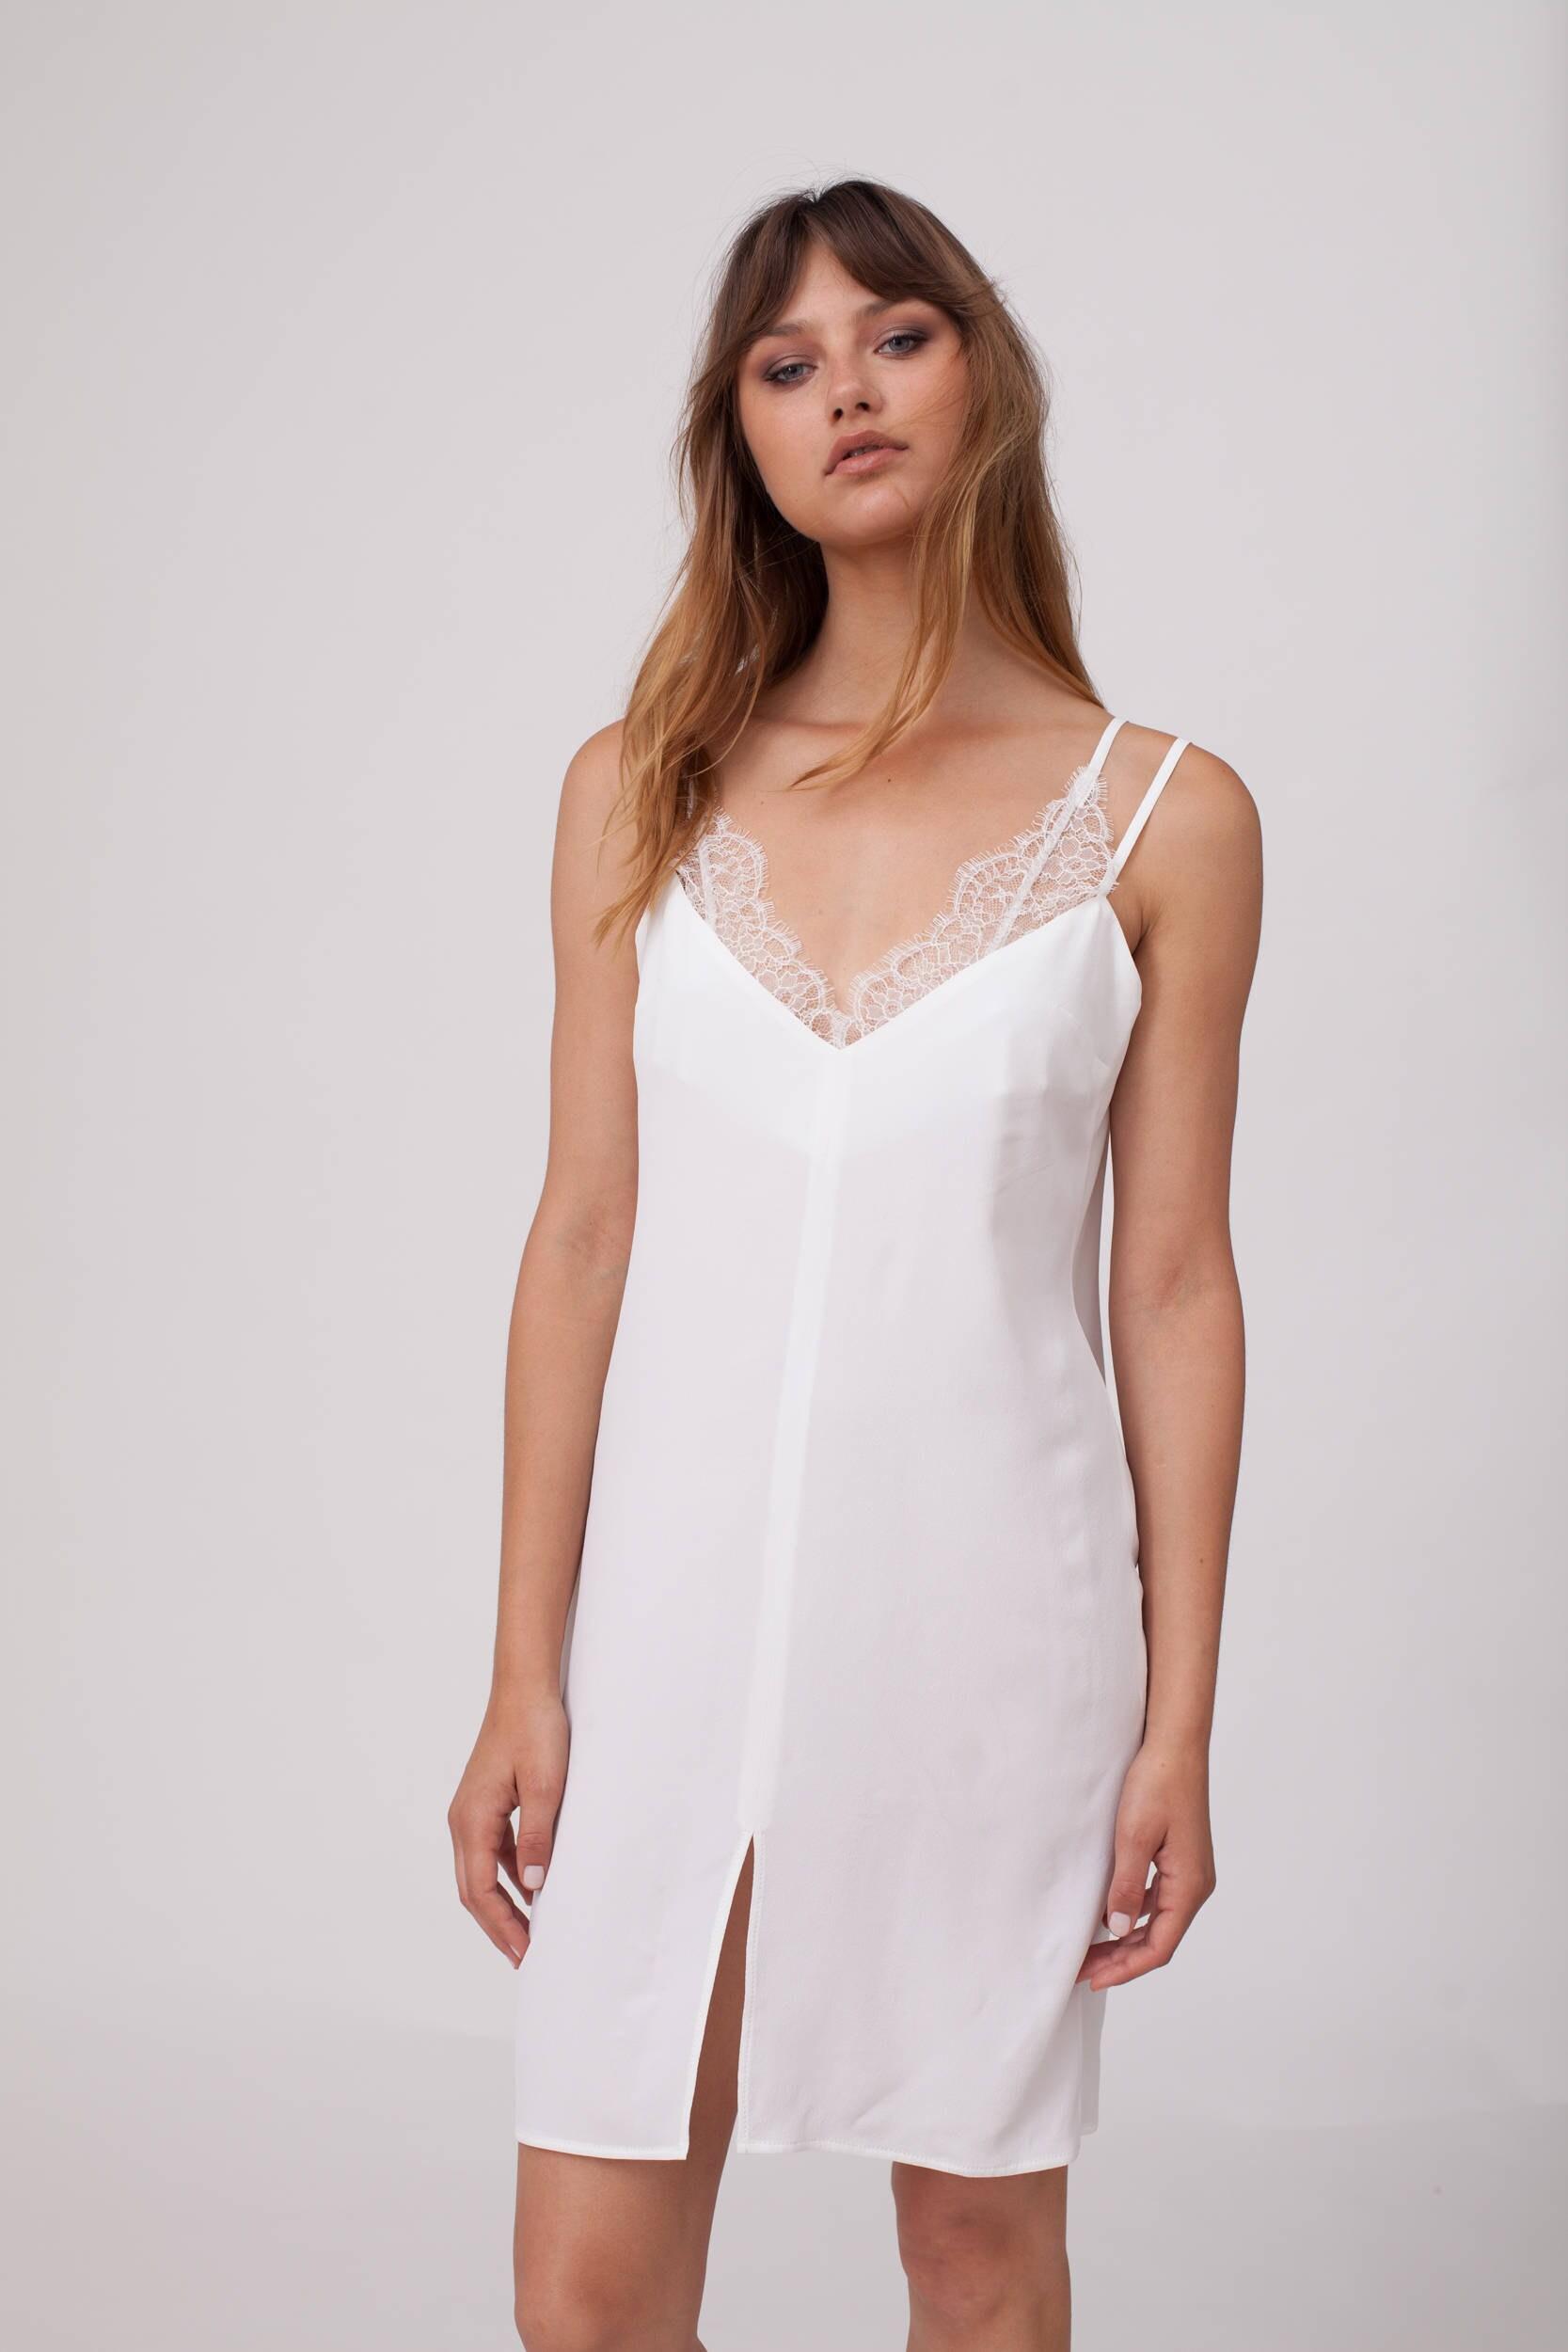 White slip white dress bridal slip bridal lingerie for White silk slip wedding dress